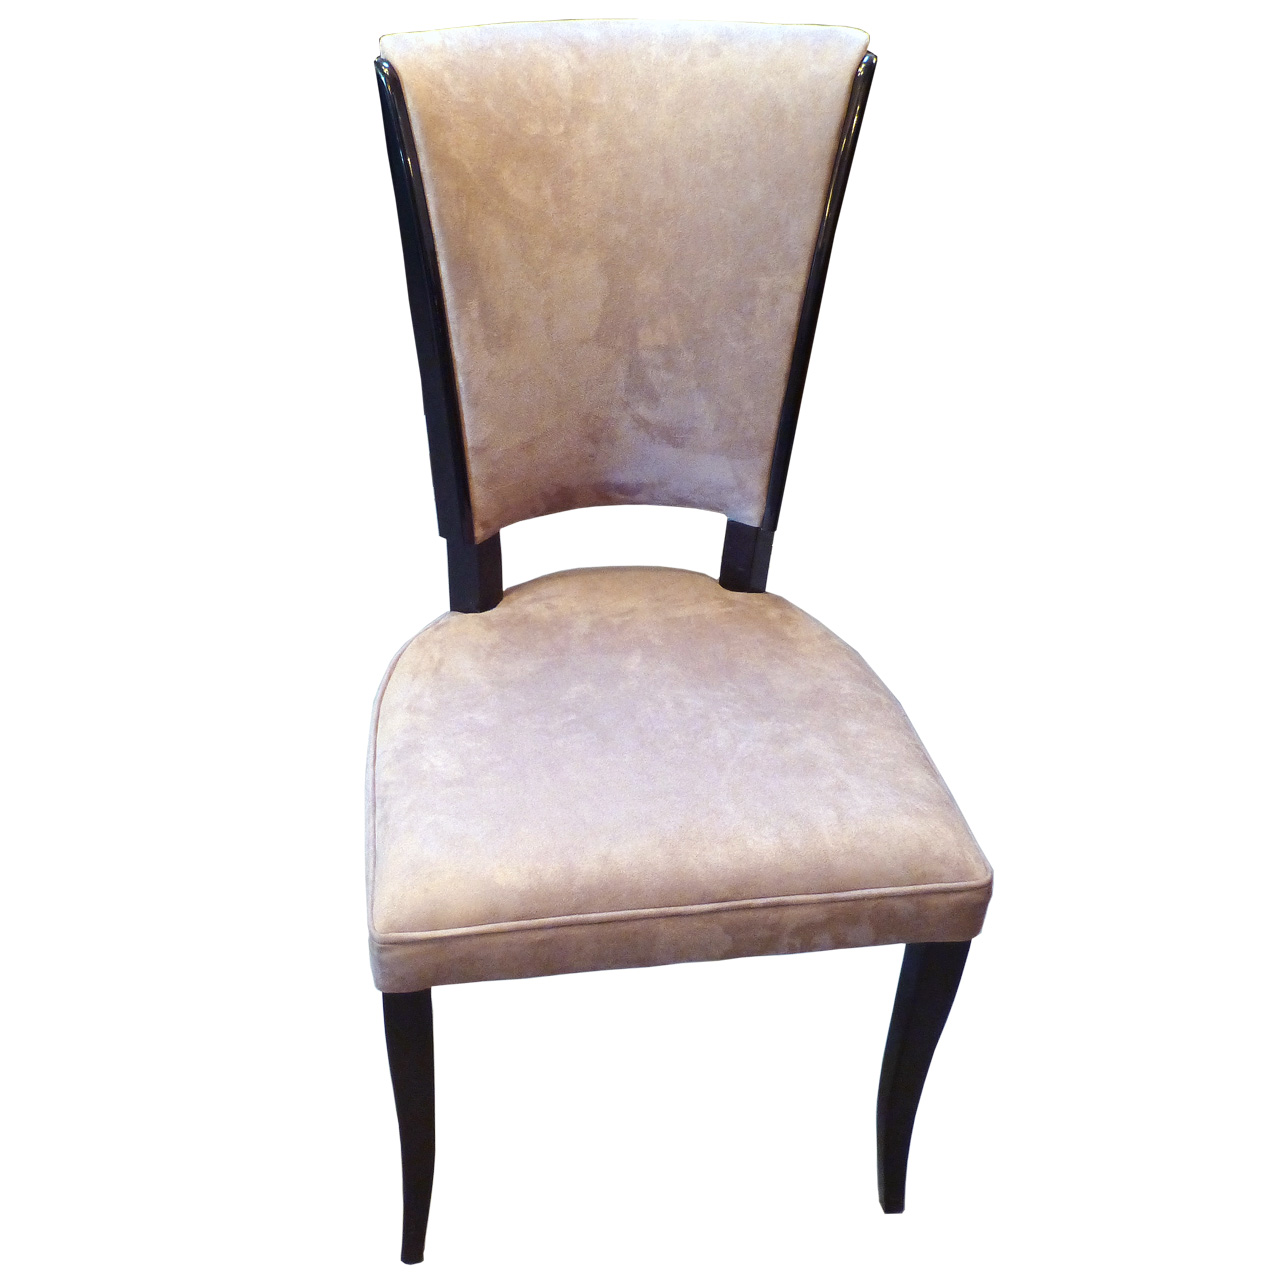 3171 Sechs Original Art Deco Stühle aus Frankreich - vollständig restauriert in schwarz hochglanz, poliert